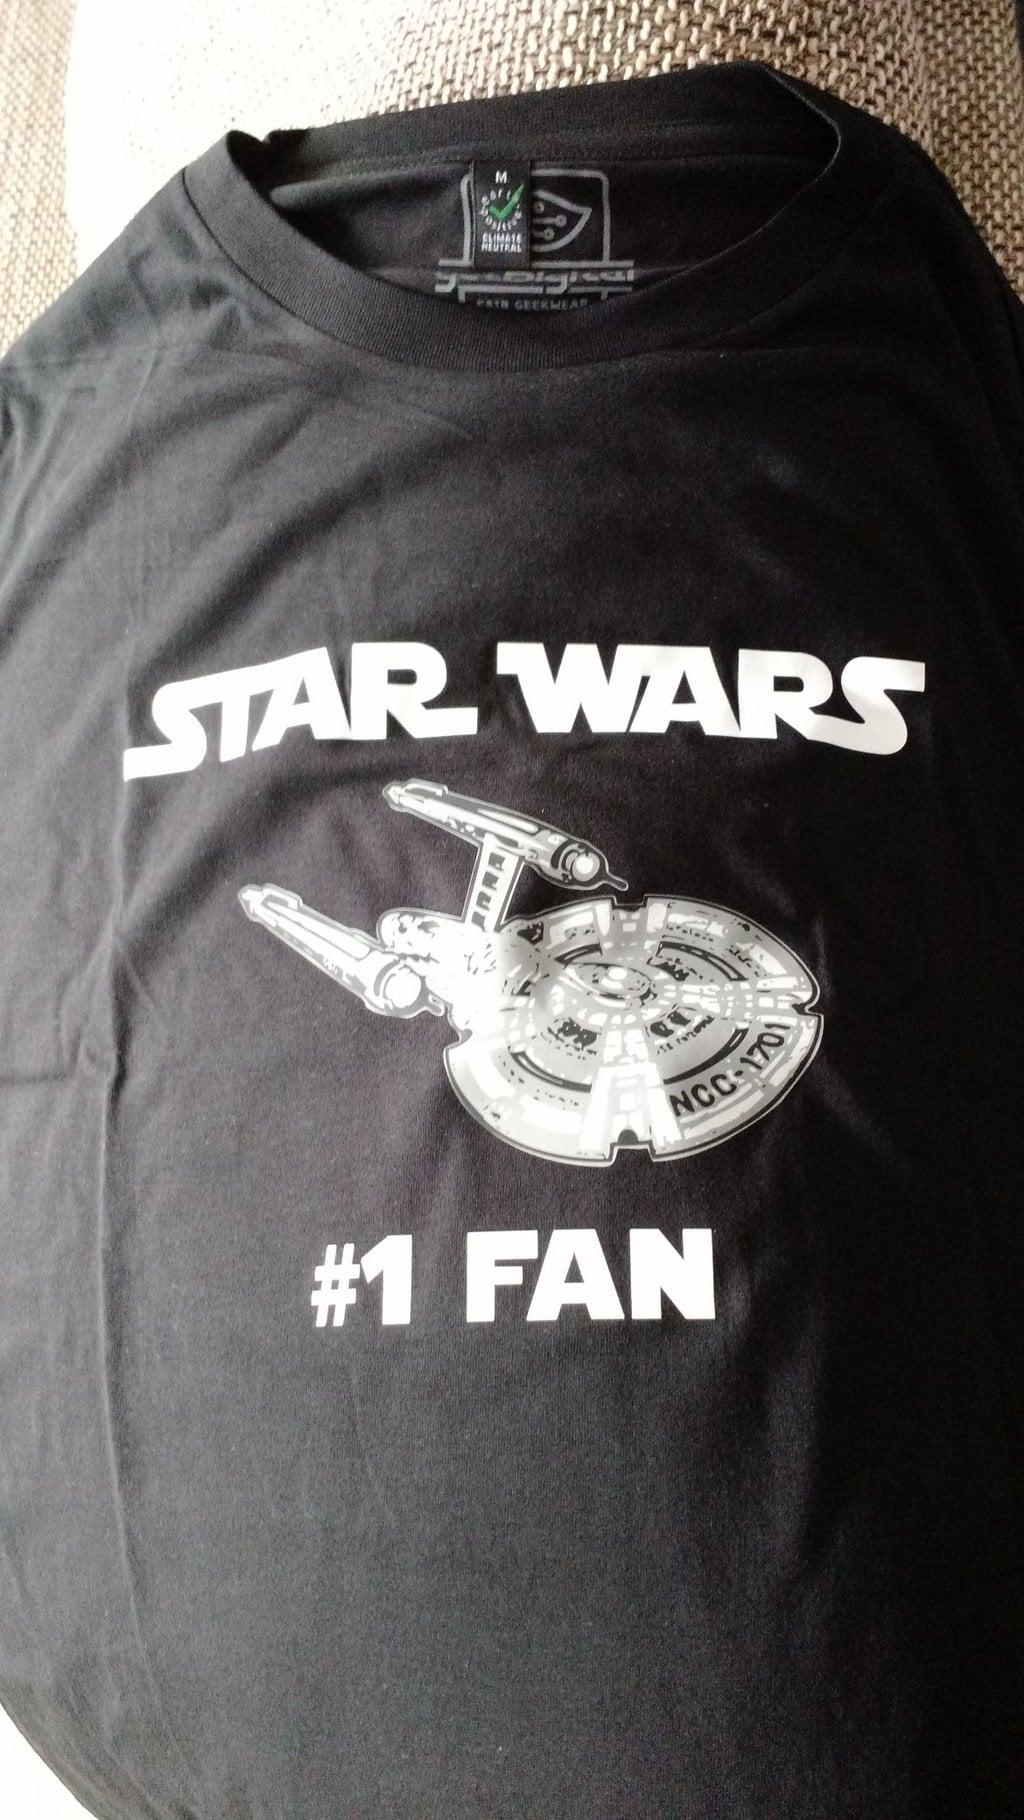 Star Wars: Korrekt gekleidet zur Premiere